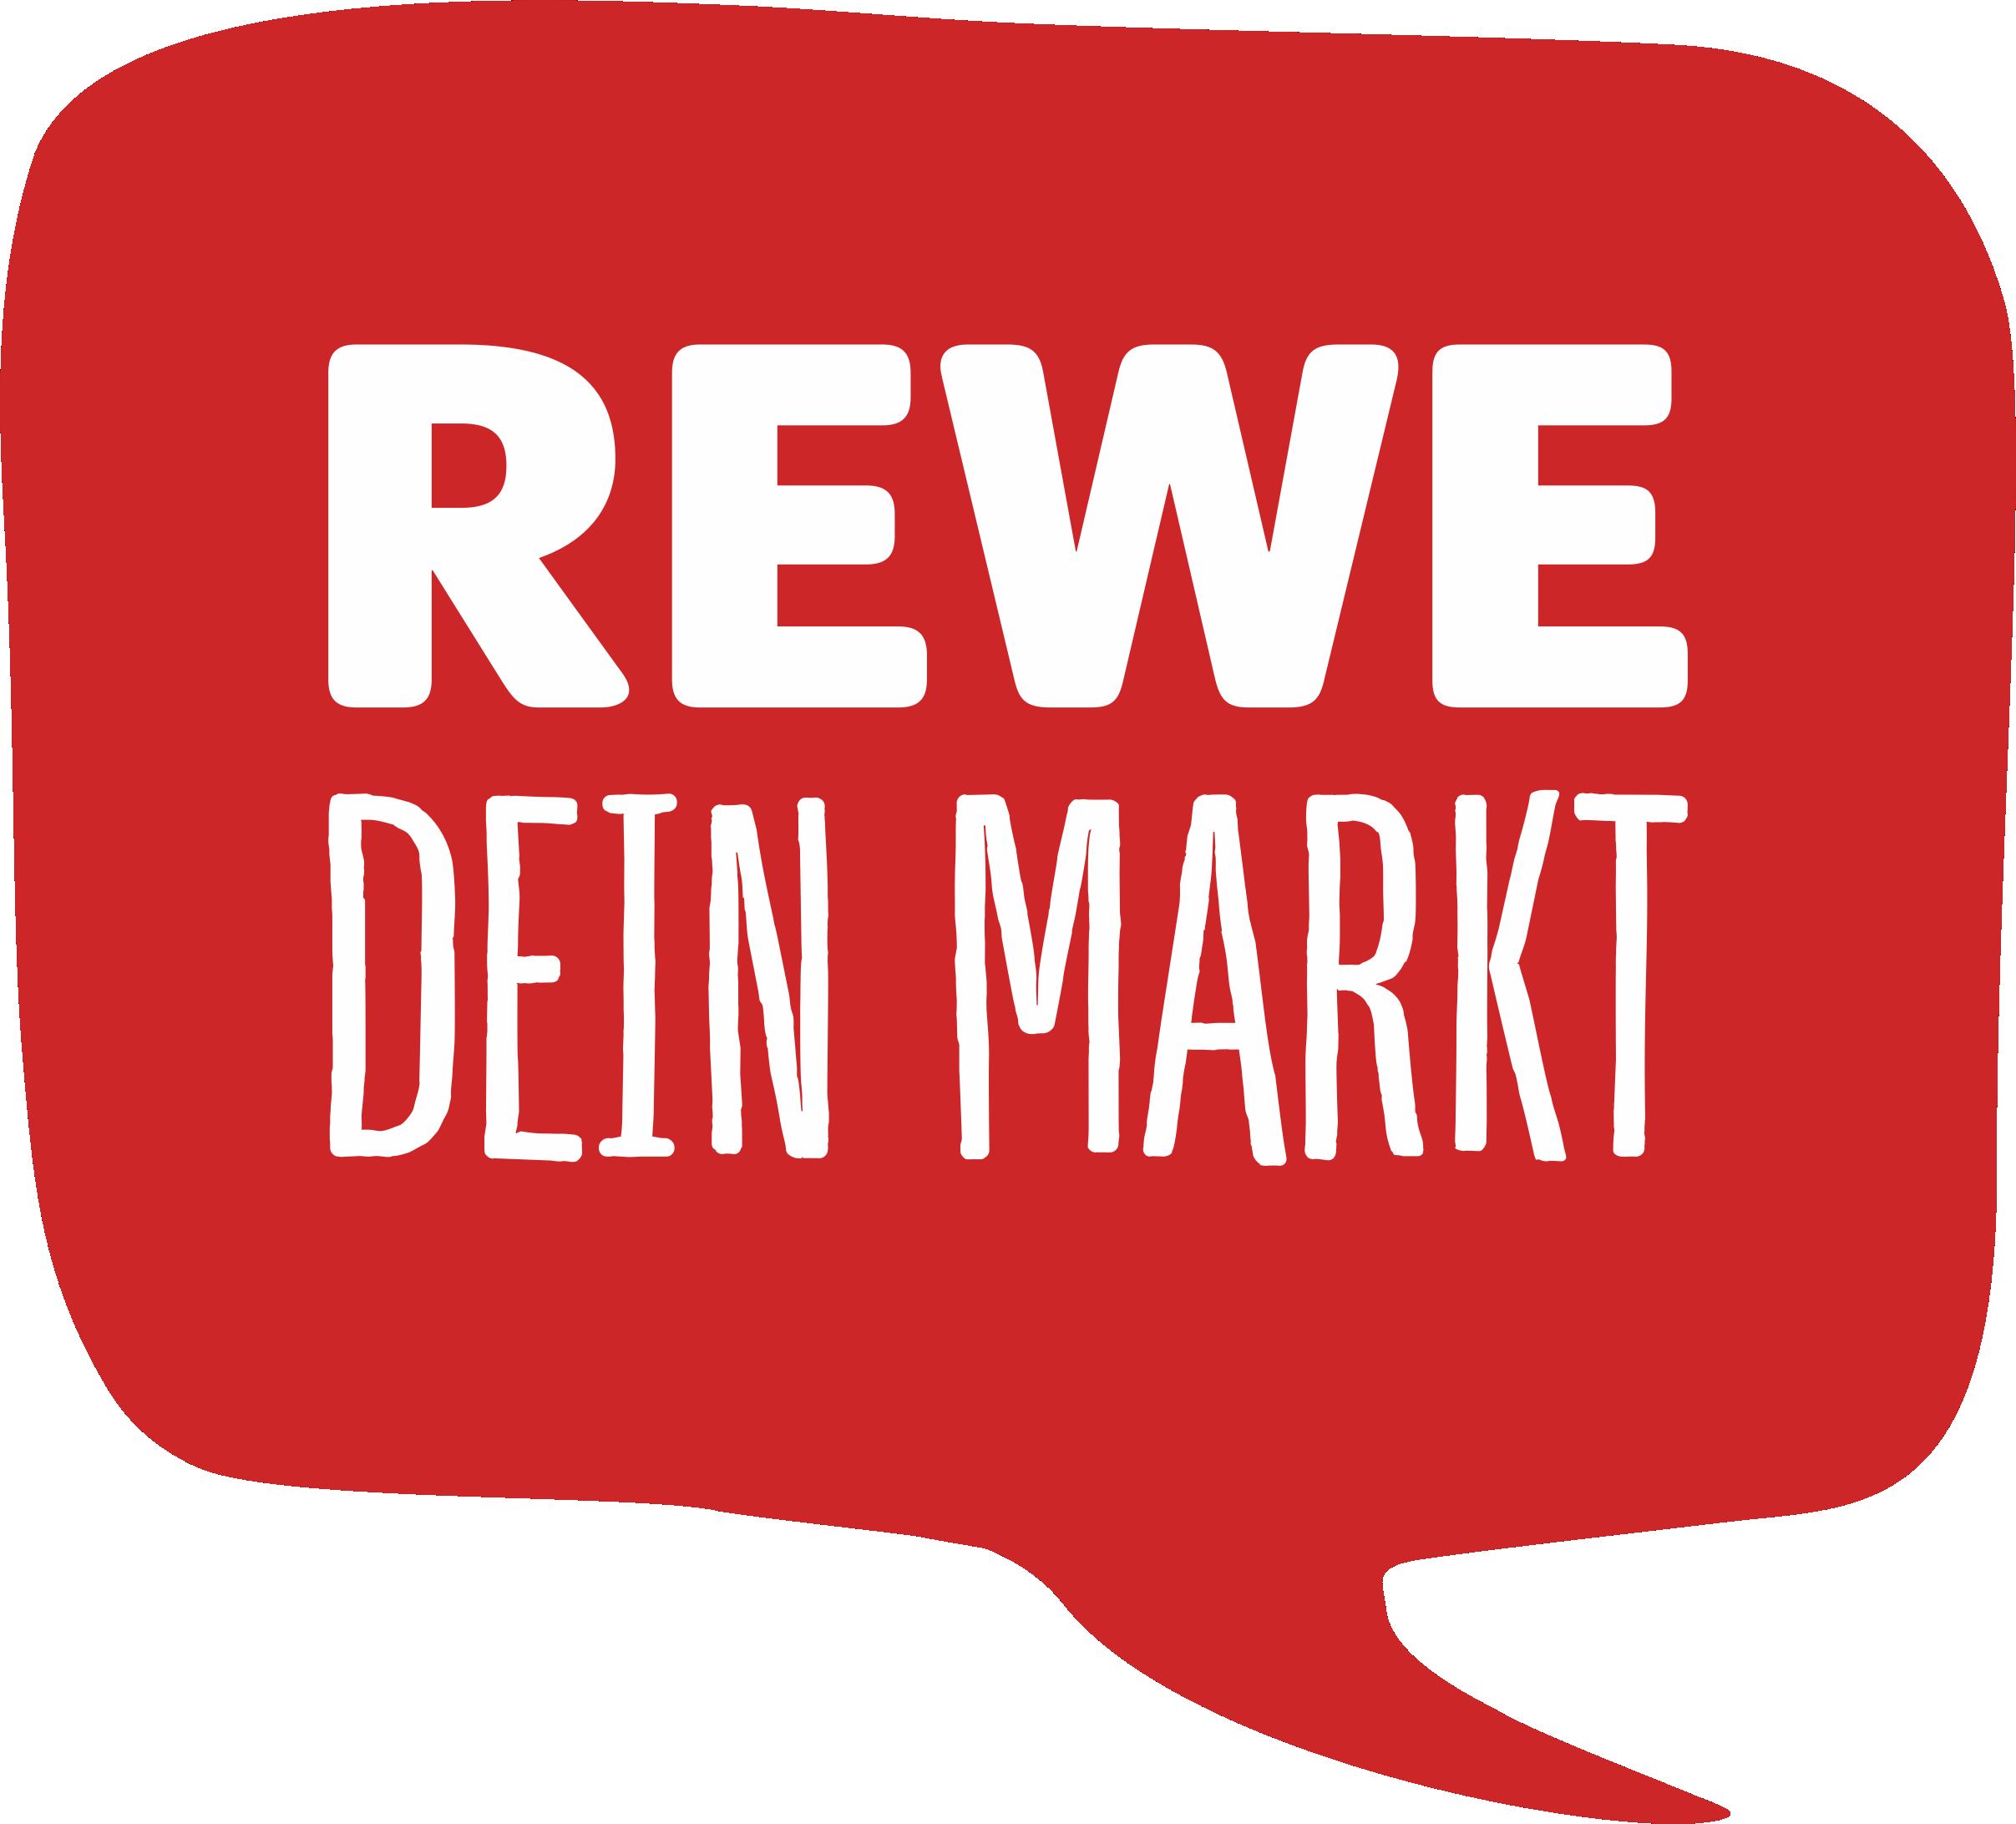 https://erscamberg.de/wp-content/uploads/2021/04/REWE.png